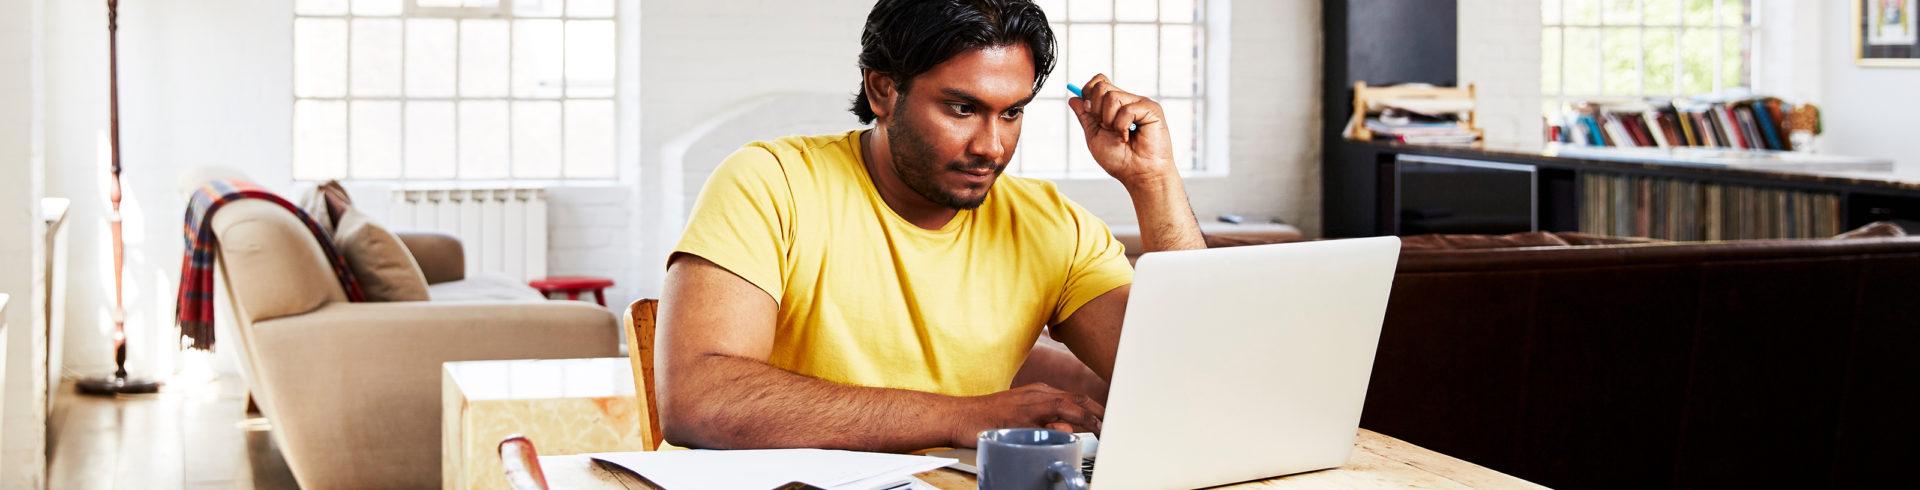 Imagen del hombre trabajando en su computadora portátil